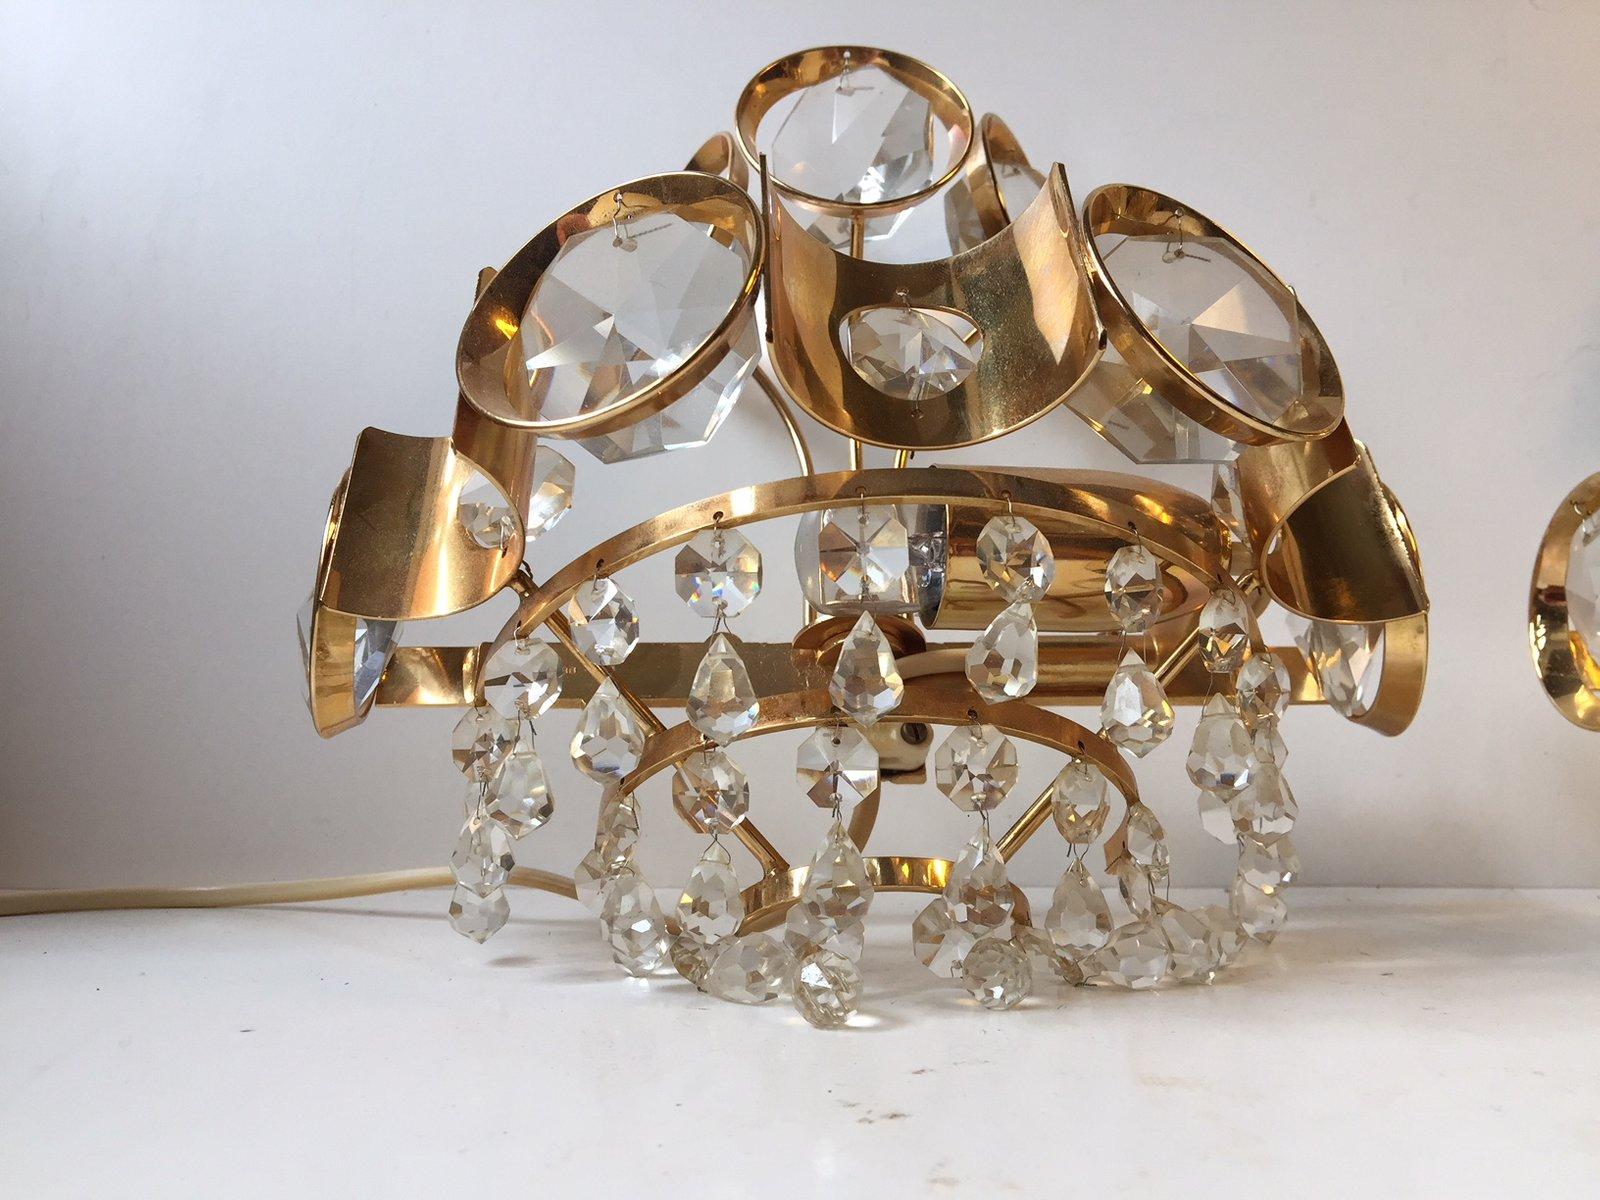 Vergoldete dänische Vintage Wandlampen mit Prismen aus Kristallglas vo...